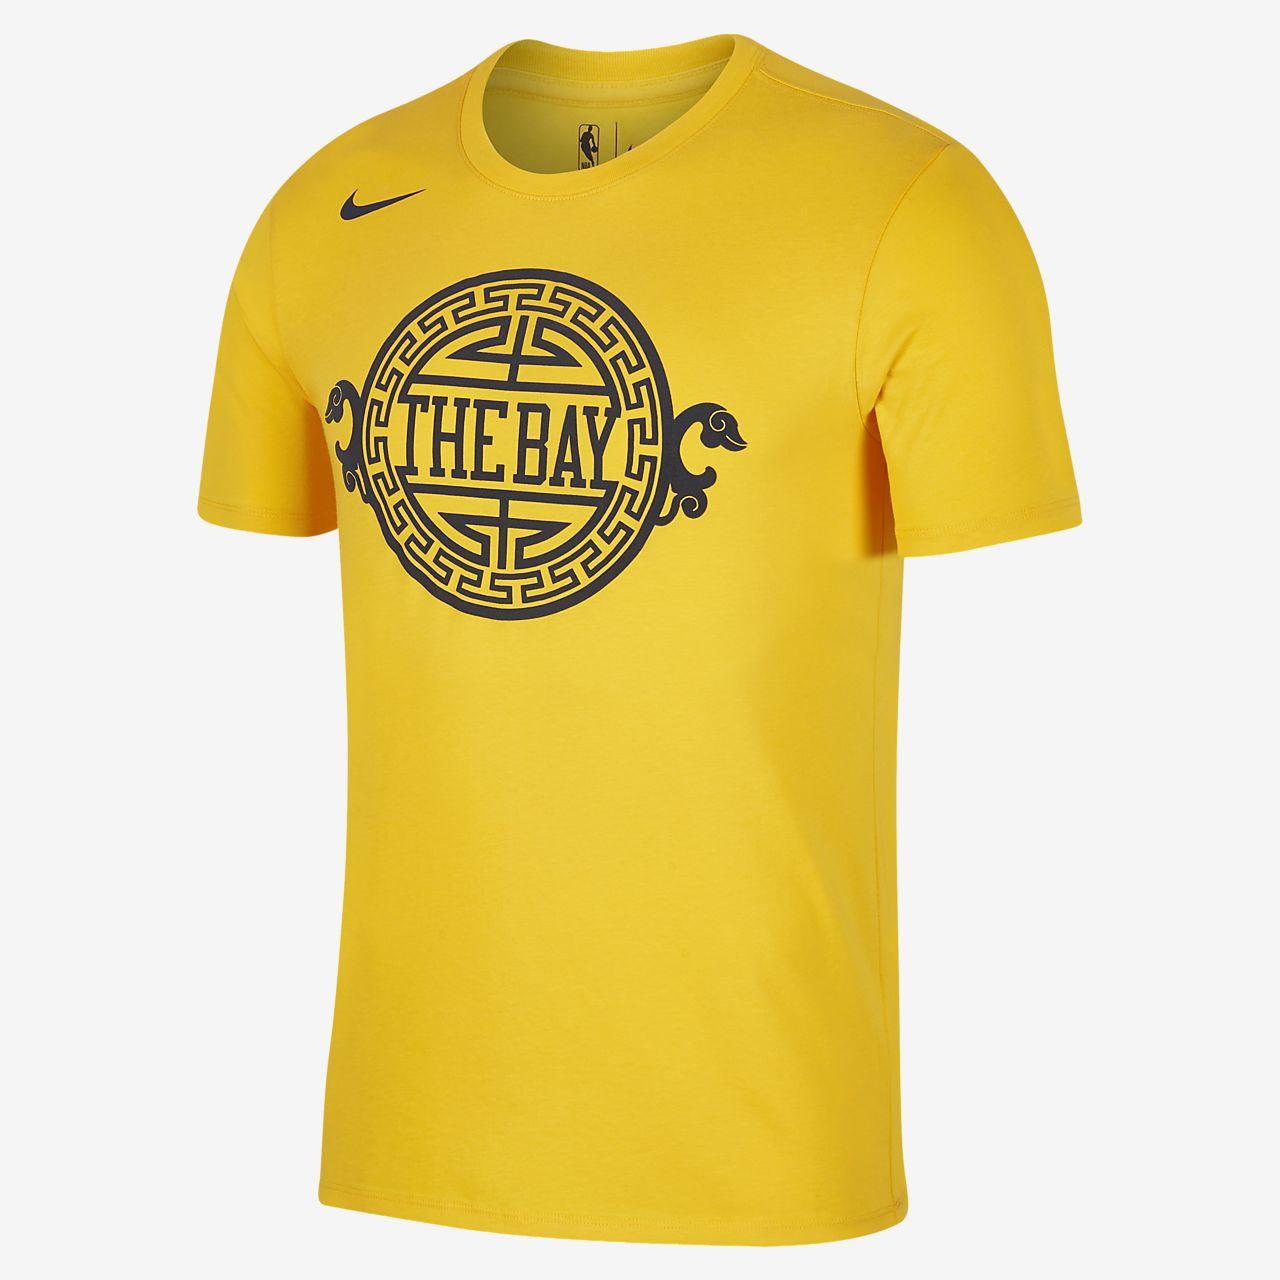 Playera de la NBA para hombre Golden State Warriors City Edition Nike  Dri-FIT e84b4763b4911